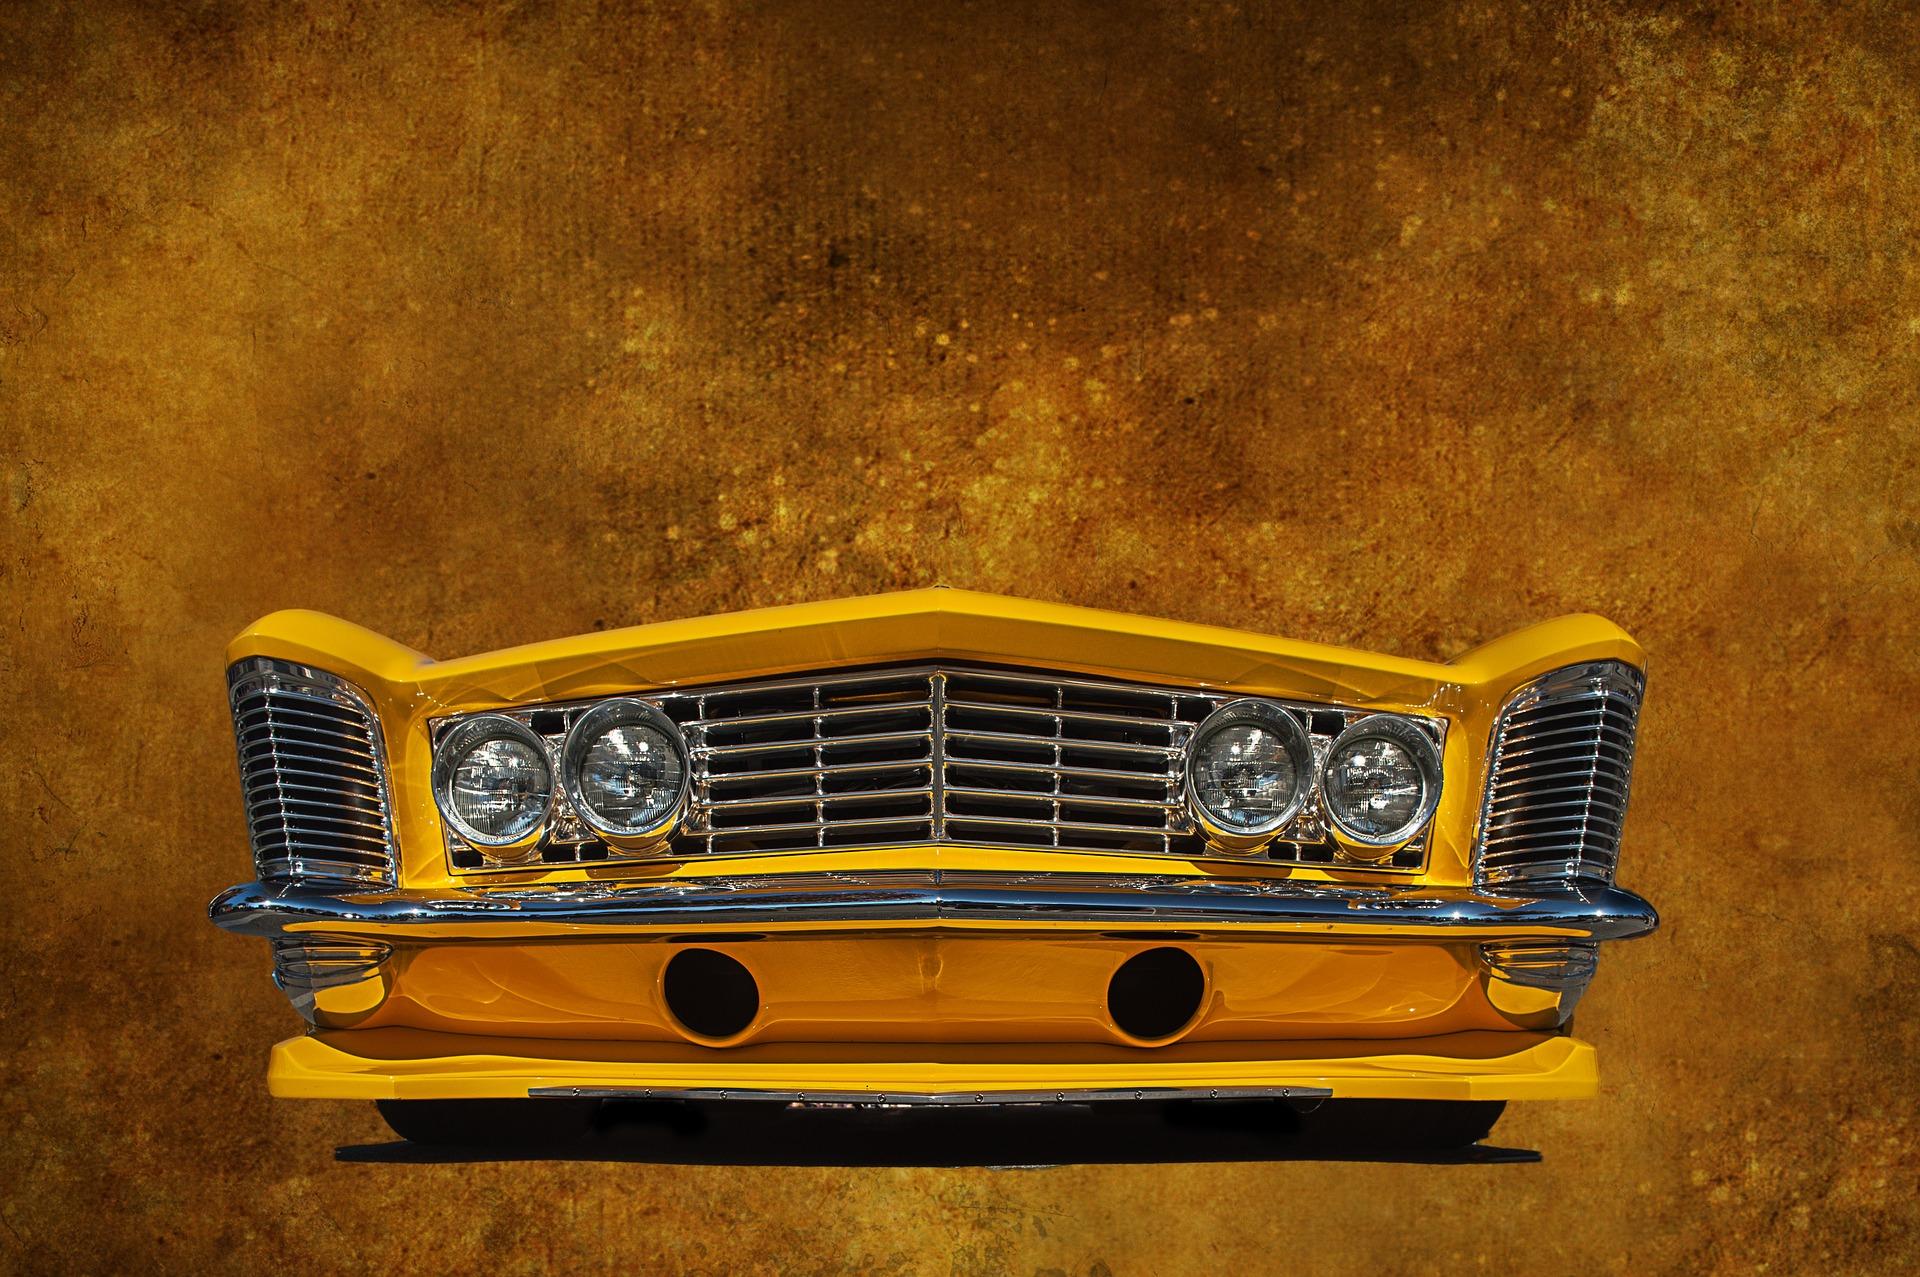 前端, 汽车, 经典, 年份, 黄色 - 高清壁纸 - 教授-falken.com